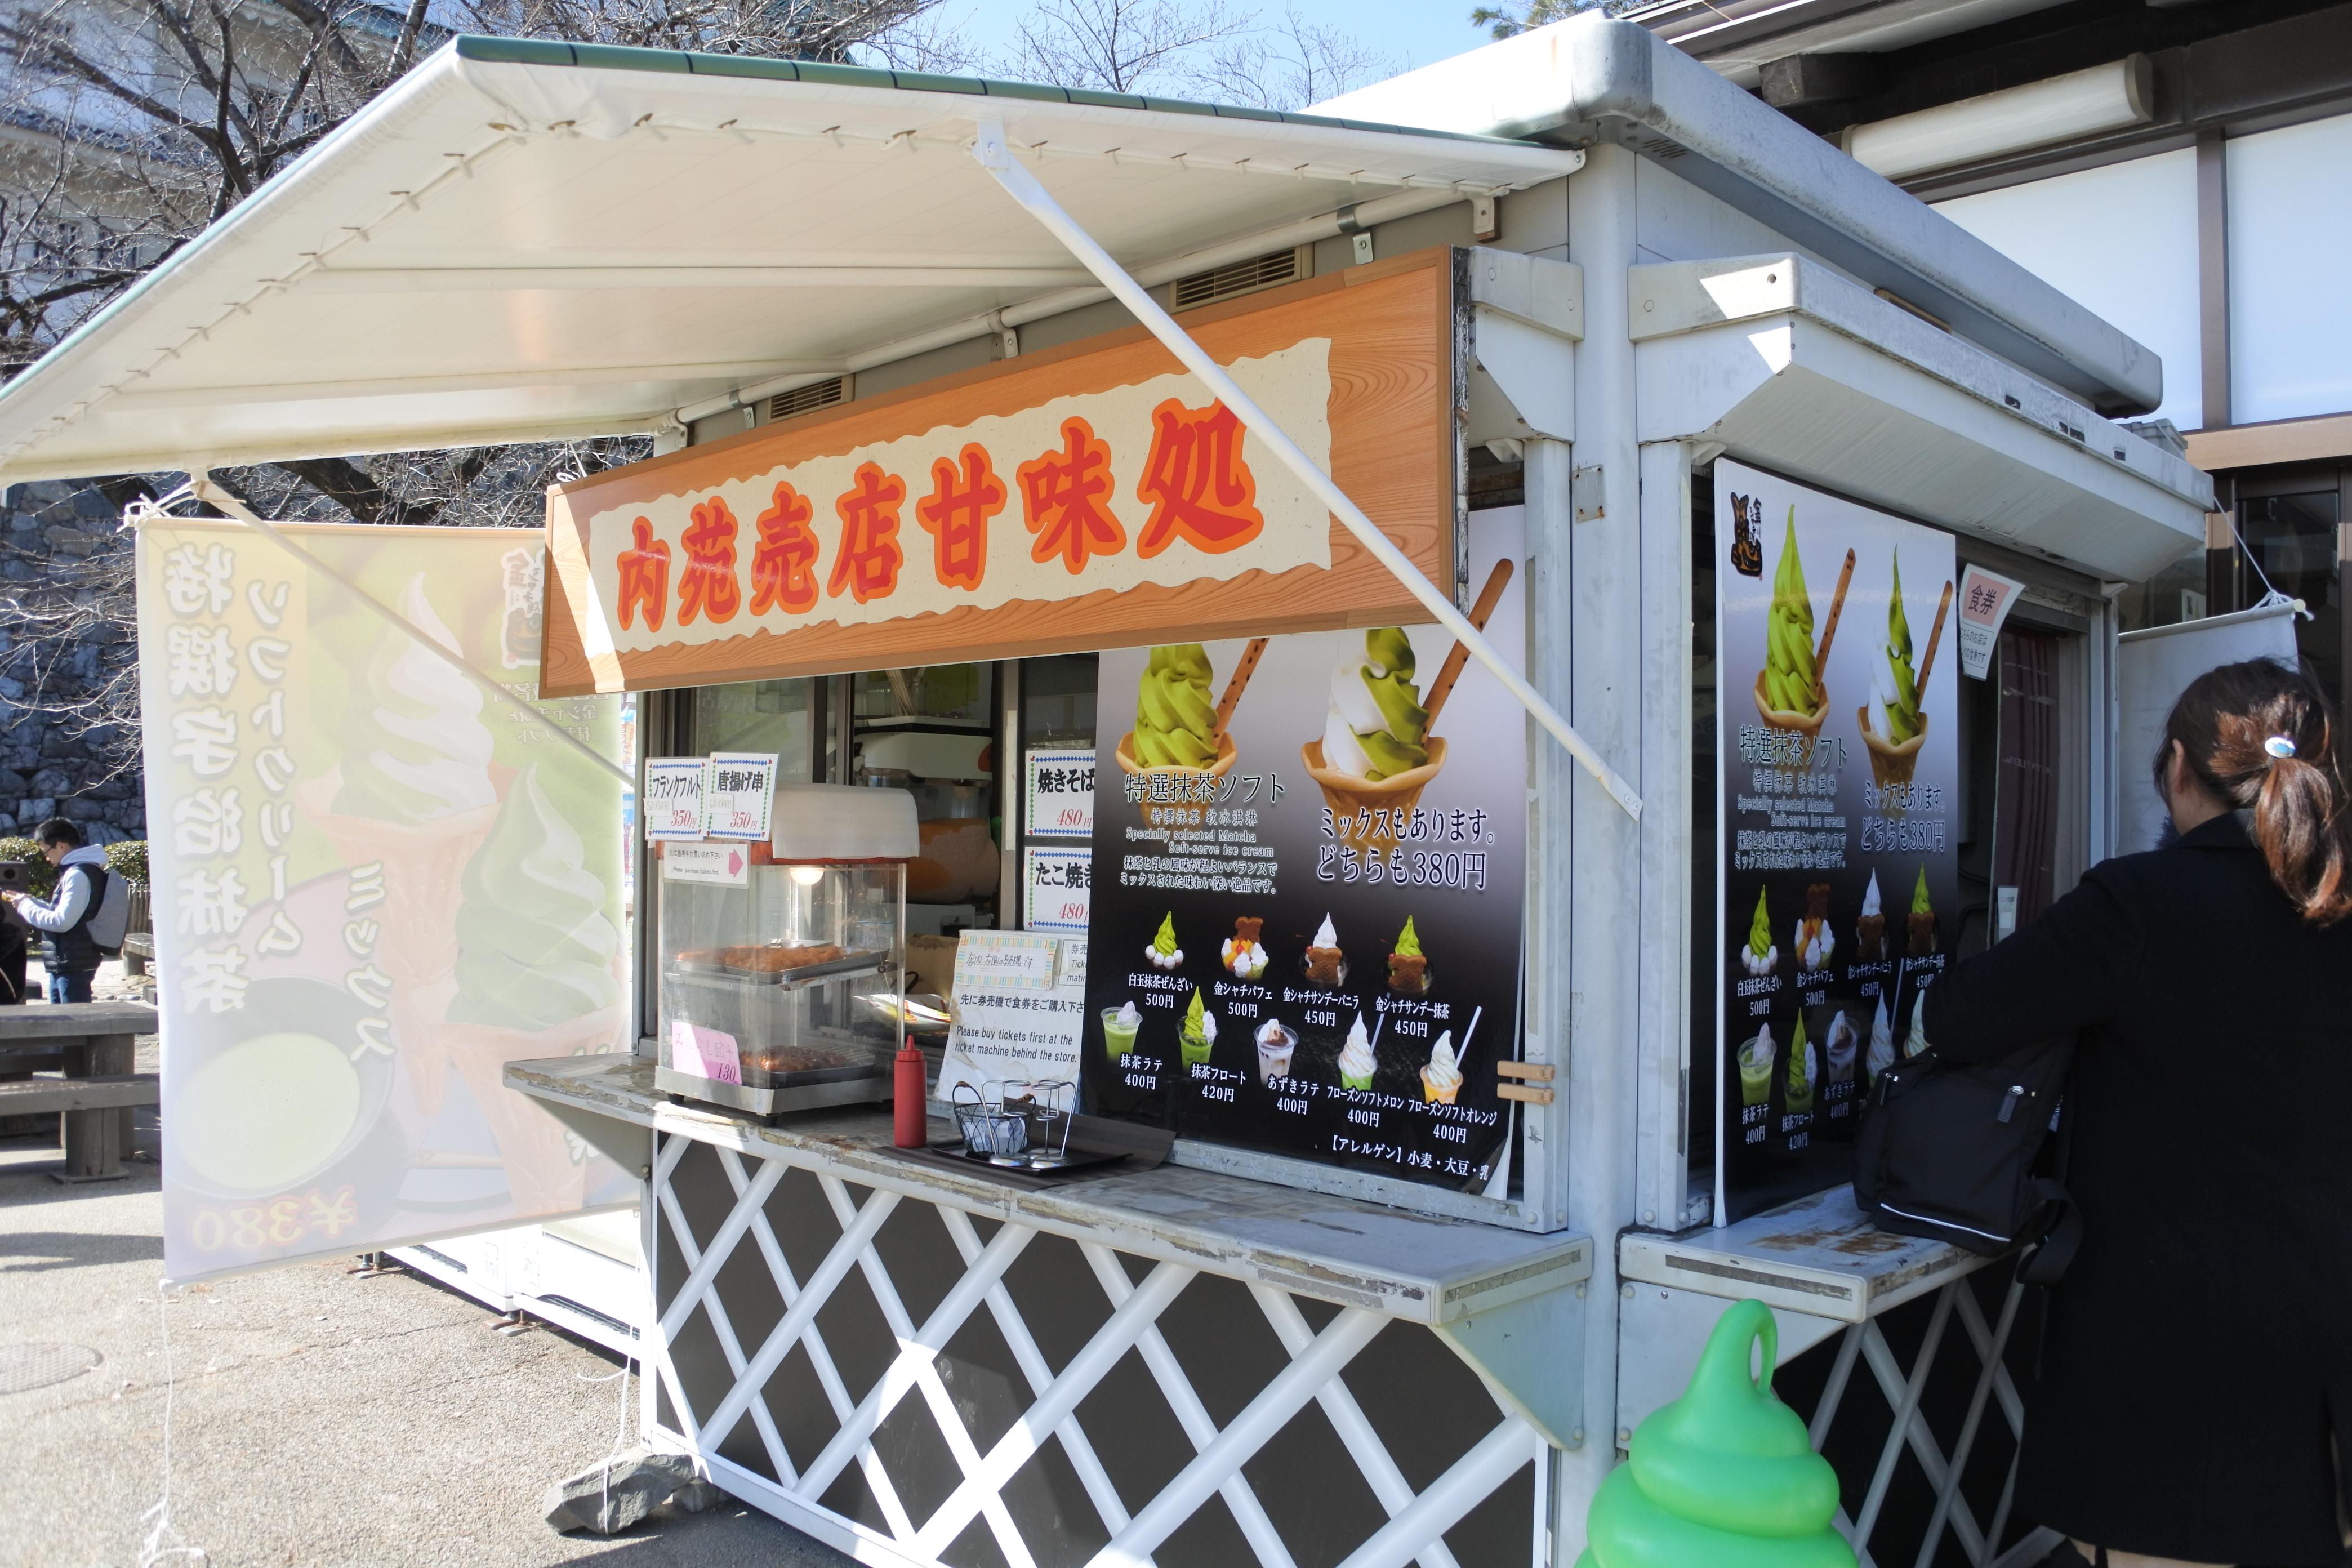 歴史に興味がなくても楽しめる!鹿にグルメに、名古屋城の見所満載ガイド - ab6488025278a33feae2ab79fff886b6